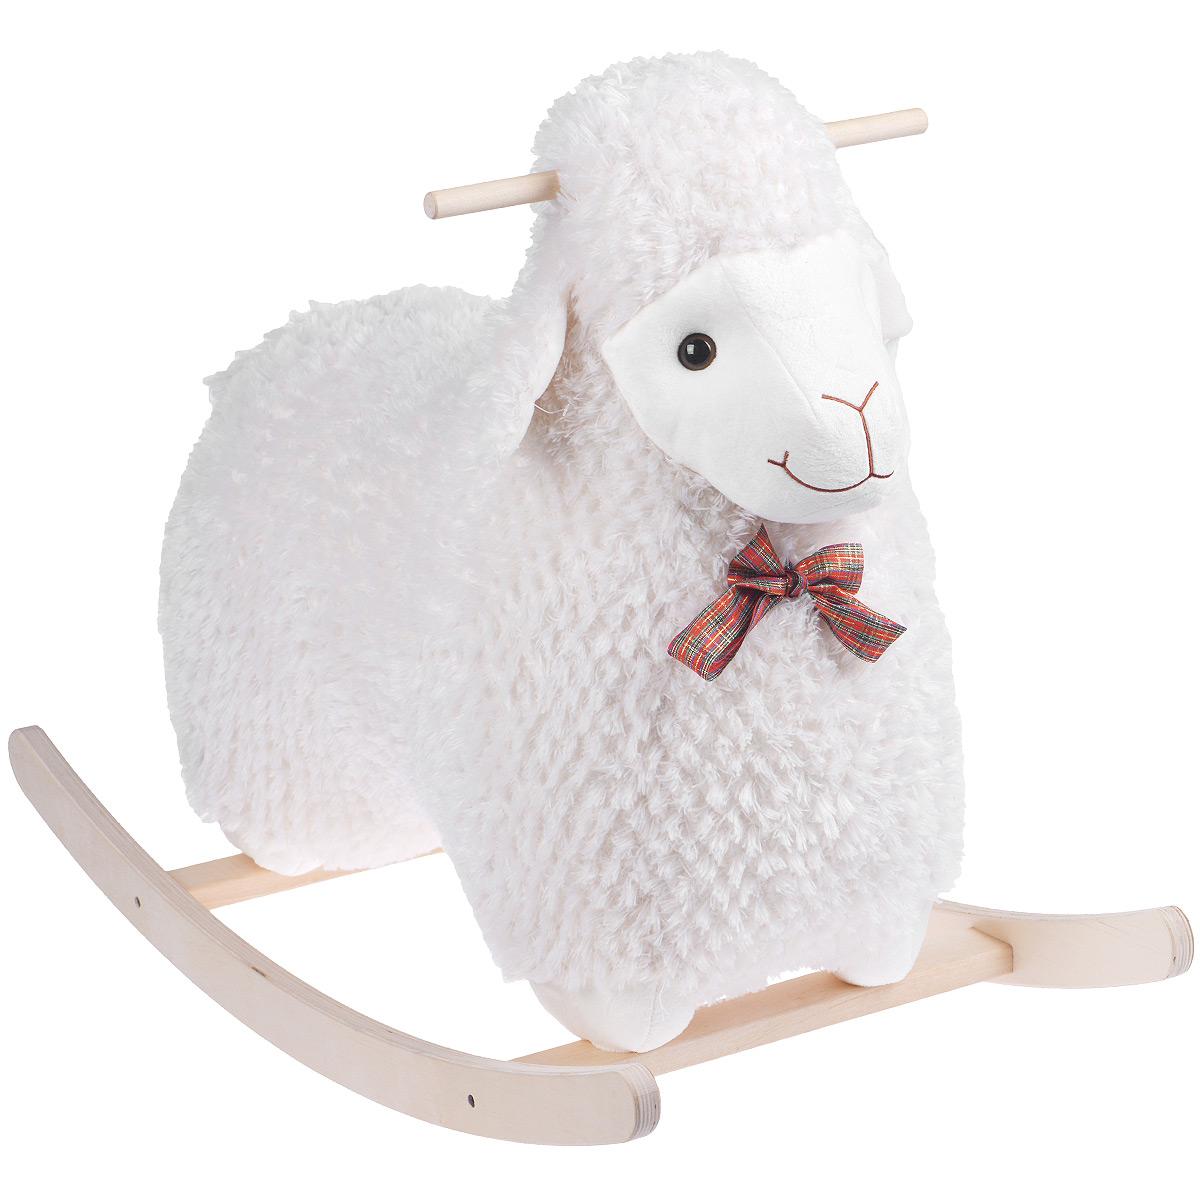 """Забавная качалка Fancy """"Овечка Долли"""" привлечет внимание малыша и не оставит его равнодушным. Она выполнена из приятного на ощупь текстильного материала в виде симпатичной овечки с пластиковыми глазками и вышитыми носиком и ротиком. На шее у овечки повязан яркий бантик. Полукруглое основание и ручки качалки выполнены из дерева. Такая игрушка может использоваться как дома, так и на открытом воздухе. Ваш малыш будет в восторге от такого подарка!"""